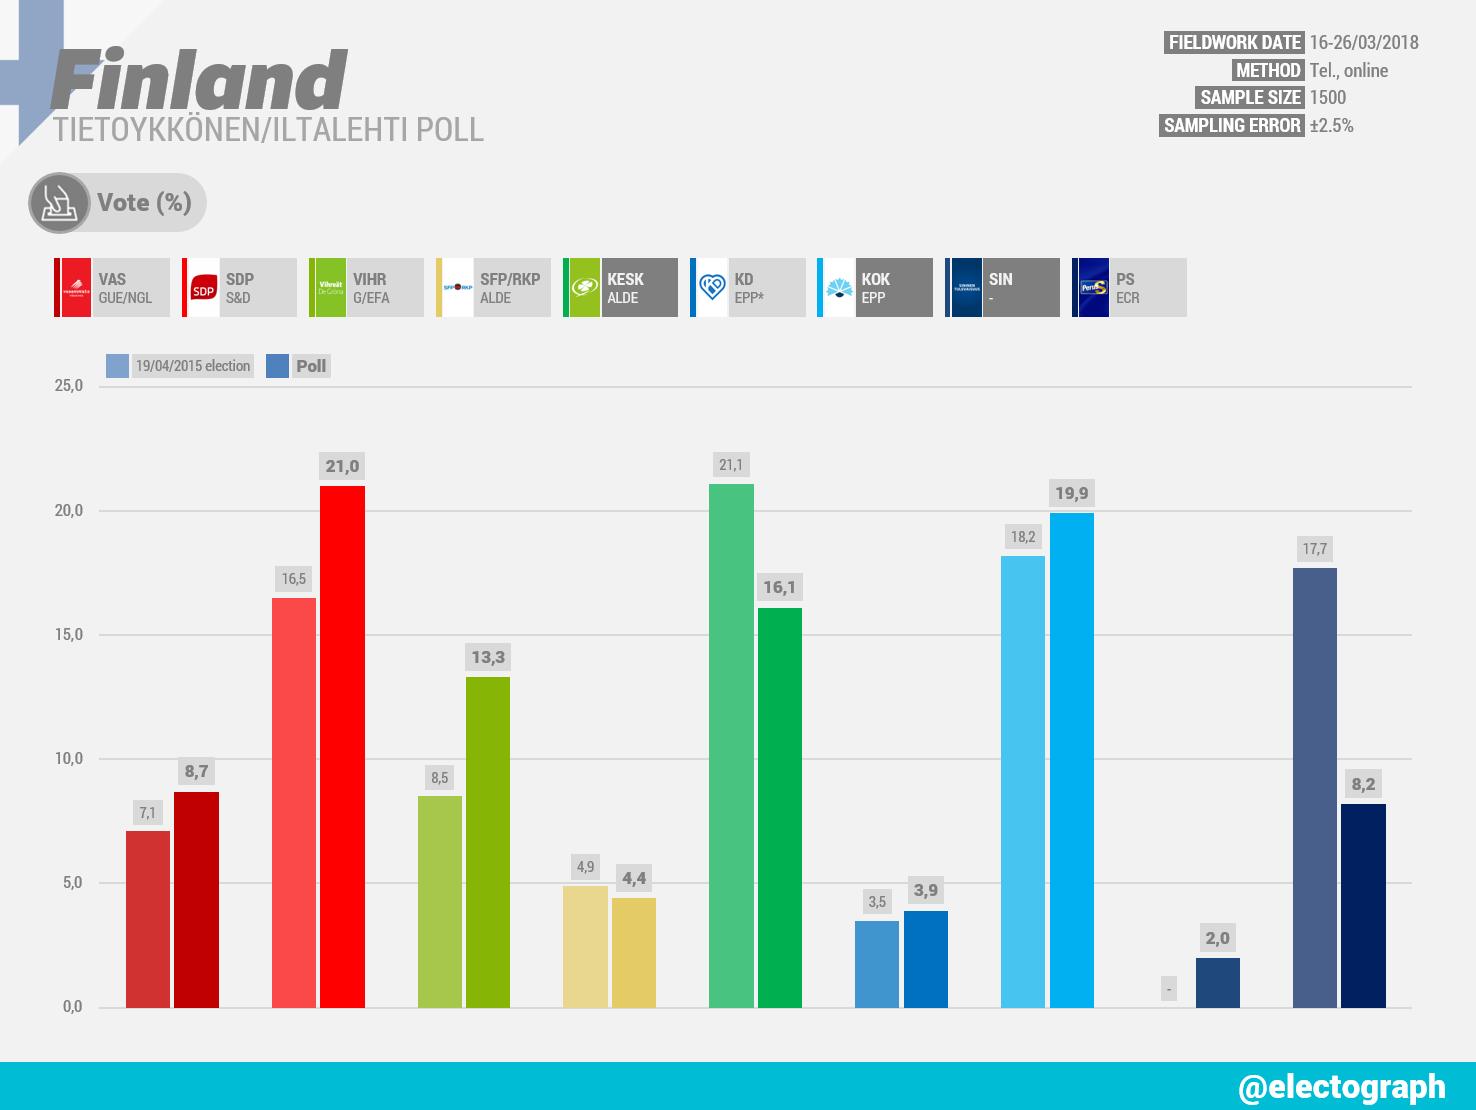 FINLAND Tietoykkönen poll chart for Iltalehti, March 2018